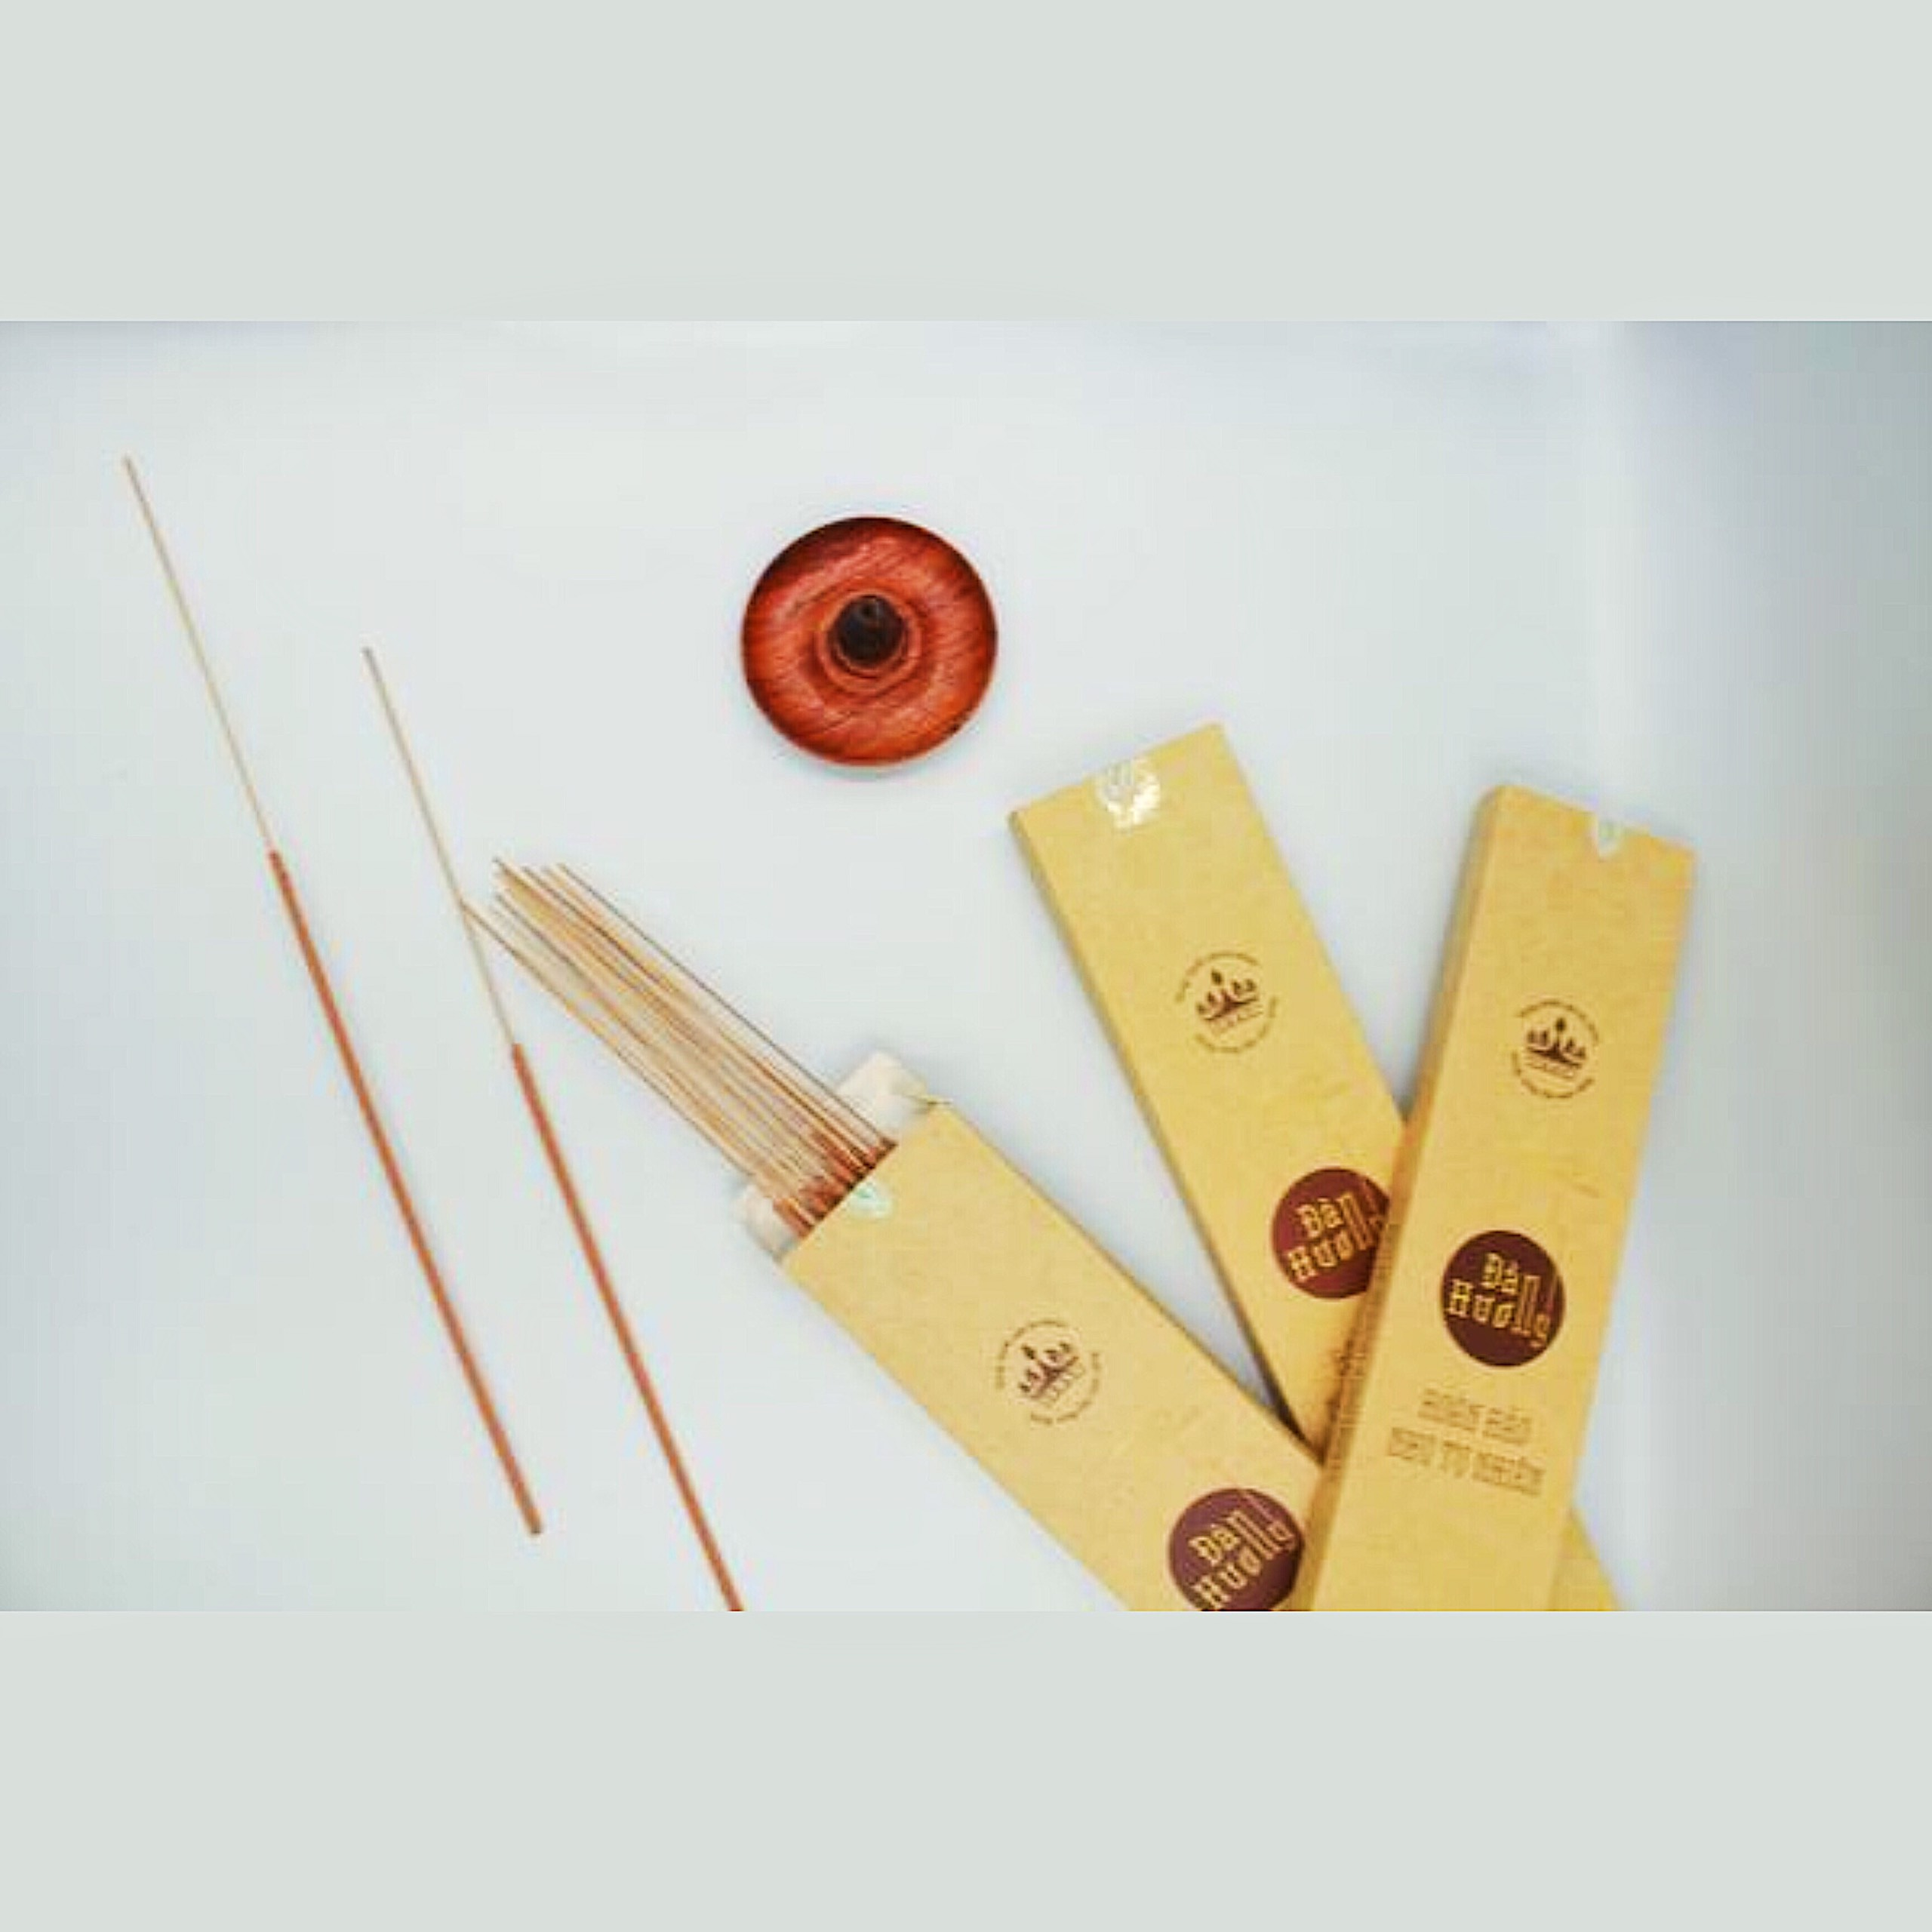 3 hộp Nhang Đàn hương Ấn Độ sạch, nguyên chất giúp giải tỏa stress, đem lại vượng khí - 36cm - Dùng cho cả không gian kín